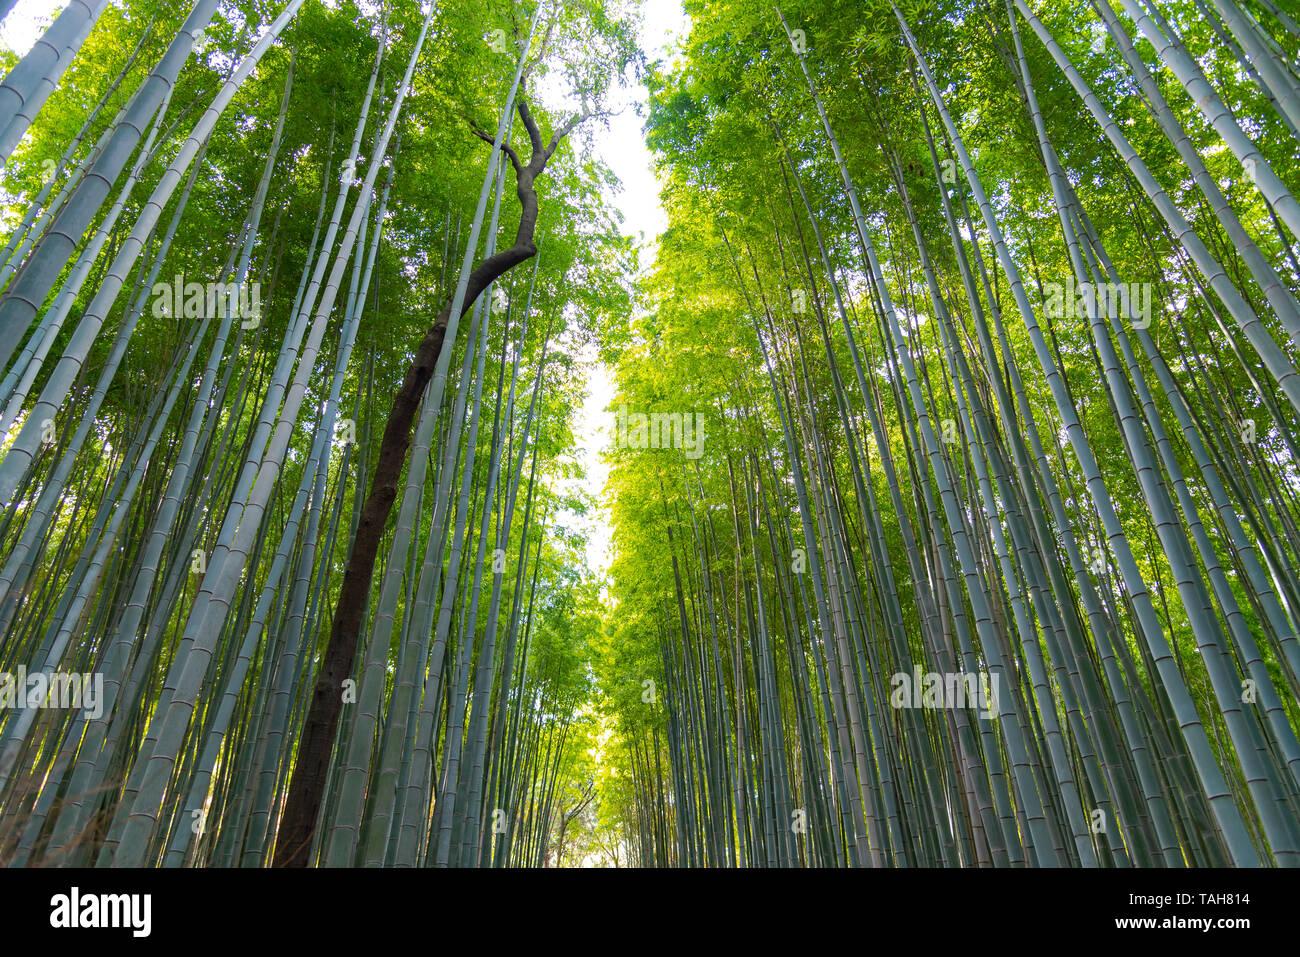 Arashiyama Bamboo Grove Zen garden, a natural forest of bamboo in Arashiyama, Kyoto, Japan Stock Photo